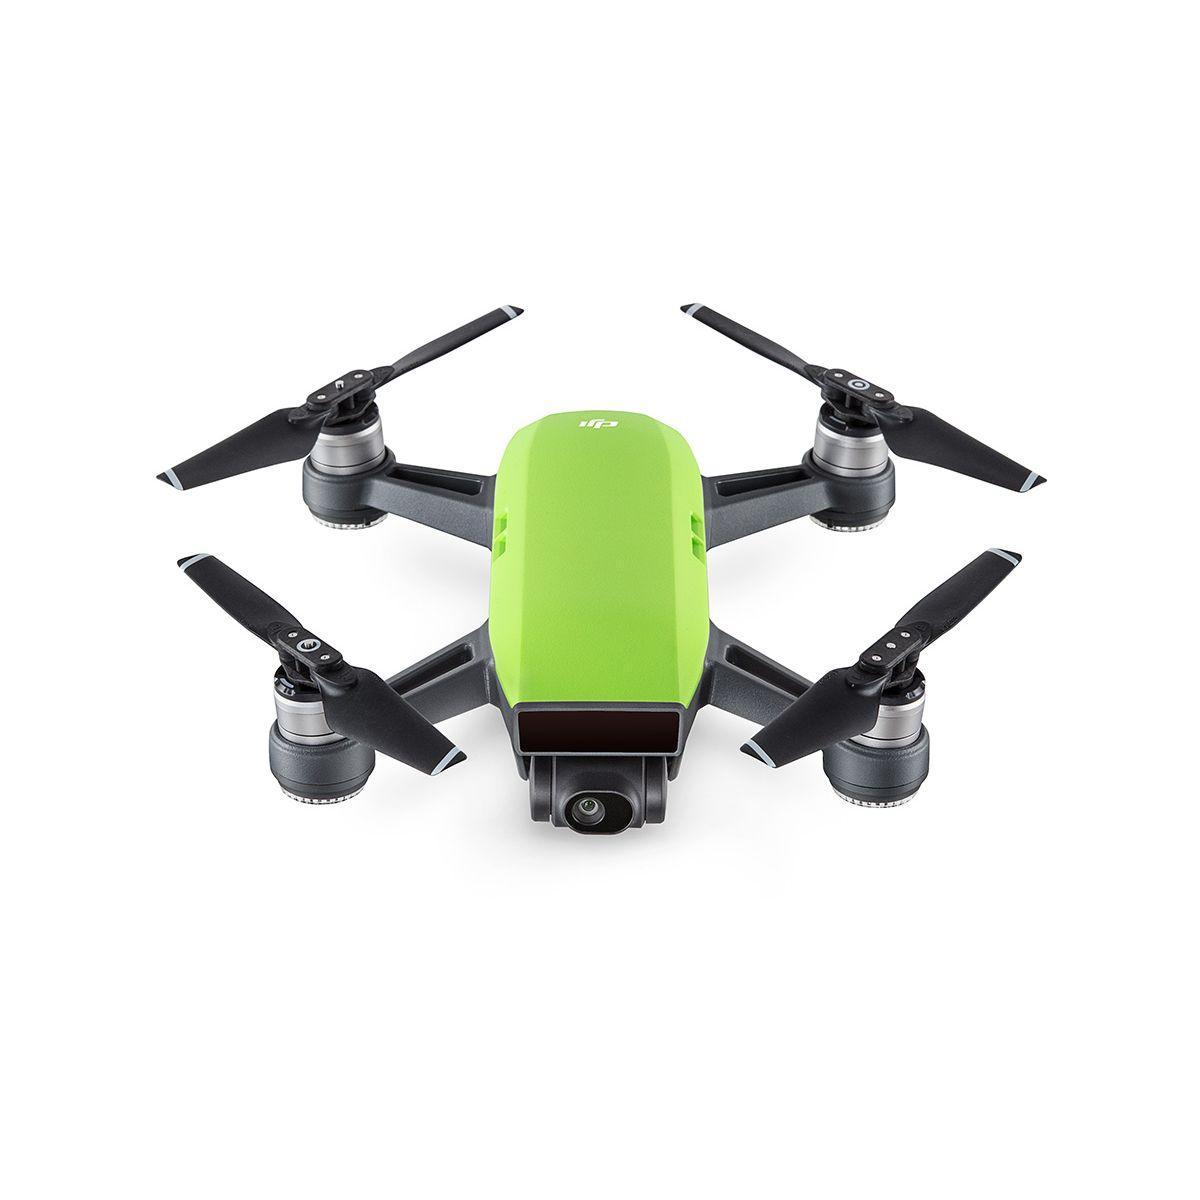 Drones dji spark vert - 10% de remise imm�diate avec le code : paques10 (photo)